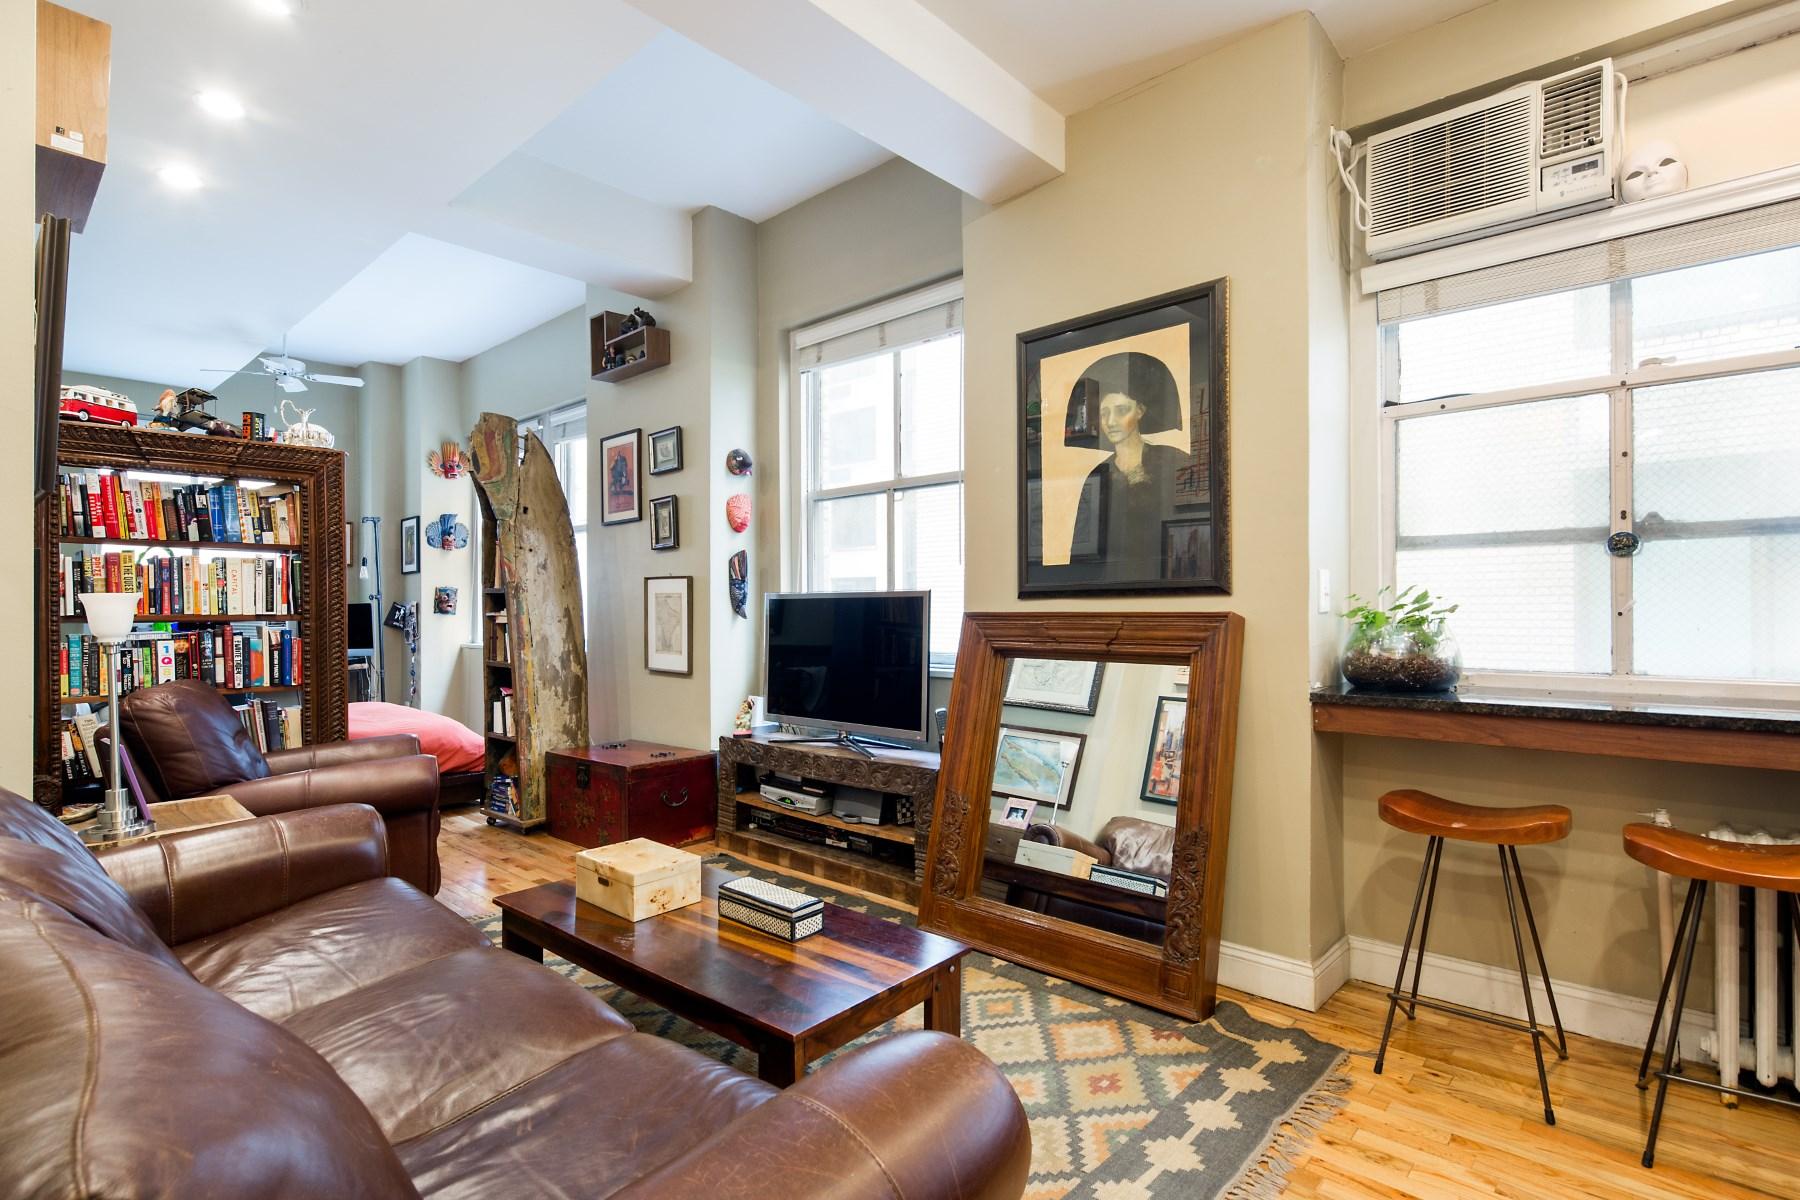 合作公寓 为 销售 在 The Sage House 4 Lexington Avenue Apt 3J Gramercy Park, 纽约, 纽约州, 10010 美国